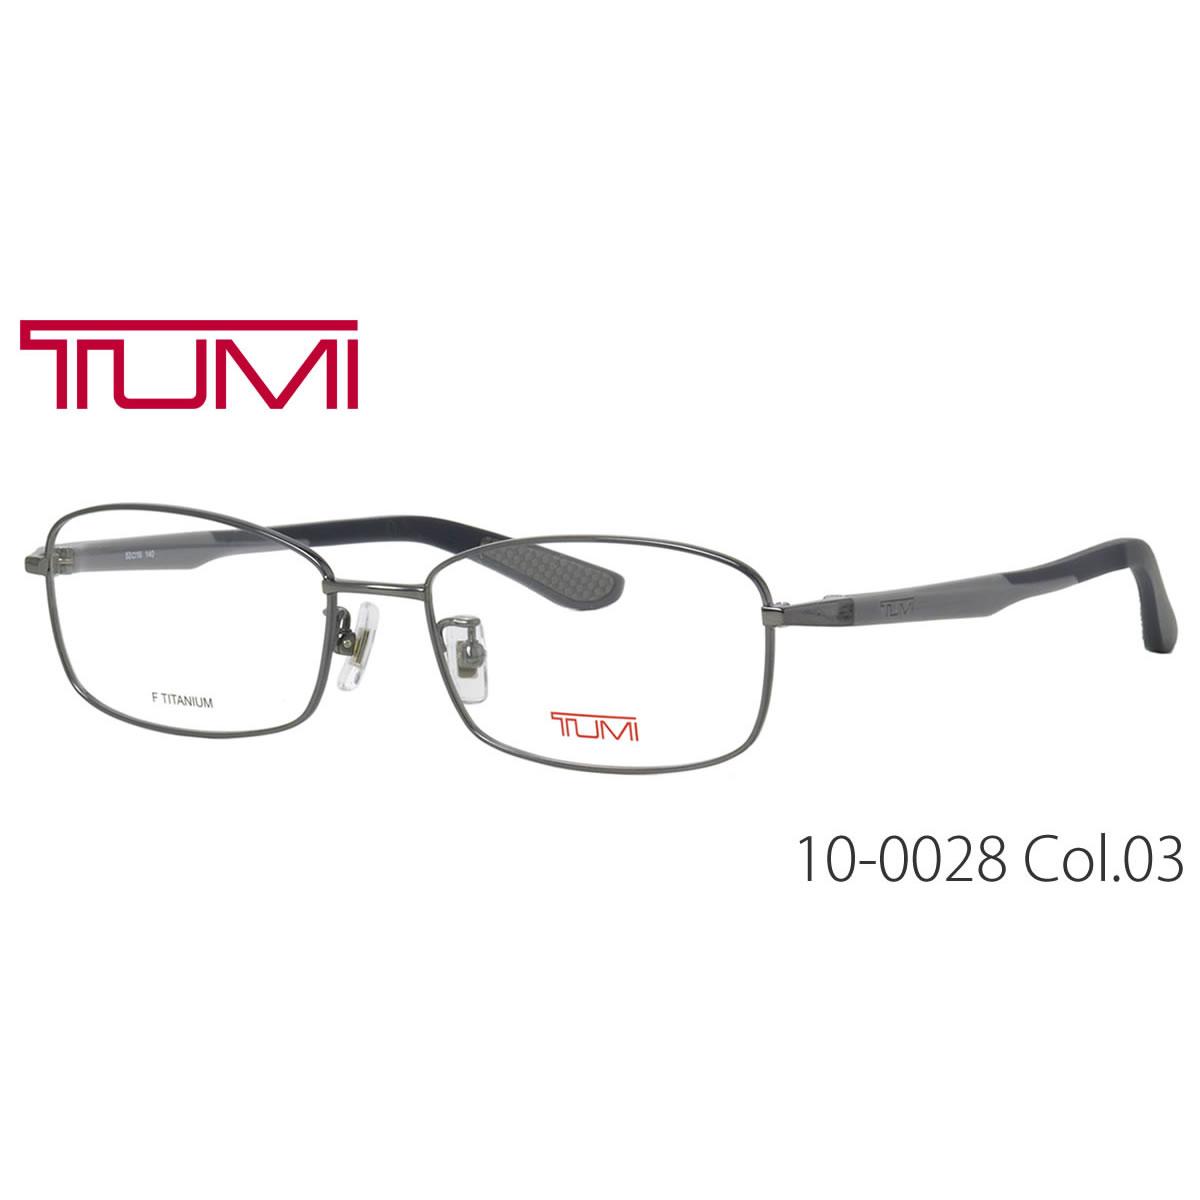 トゥミ メガネ 10-0028 03 53サイズ TUMI ビジネスバッグで人気のブランド メンズ